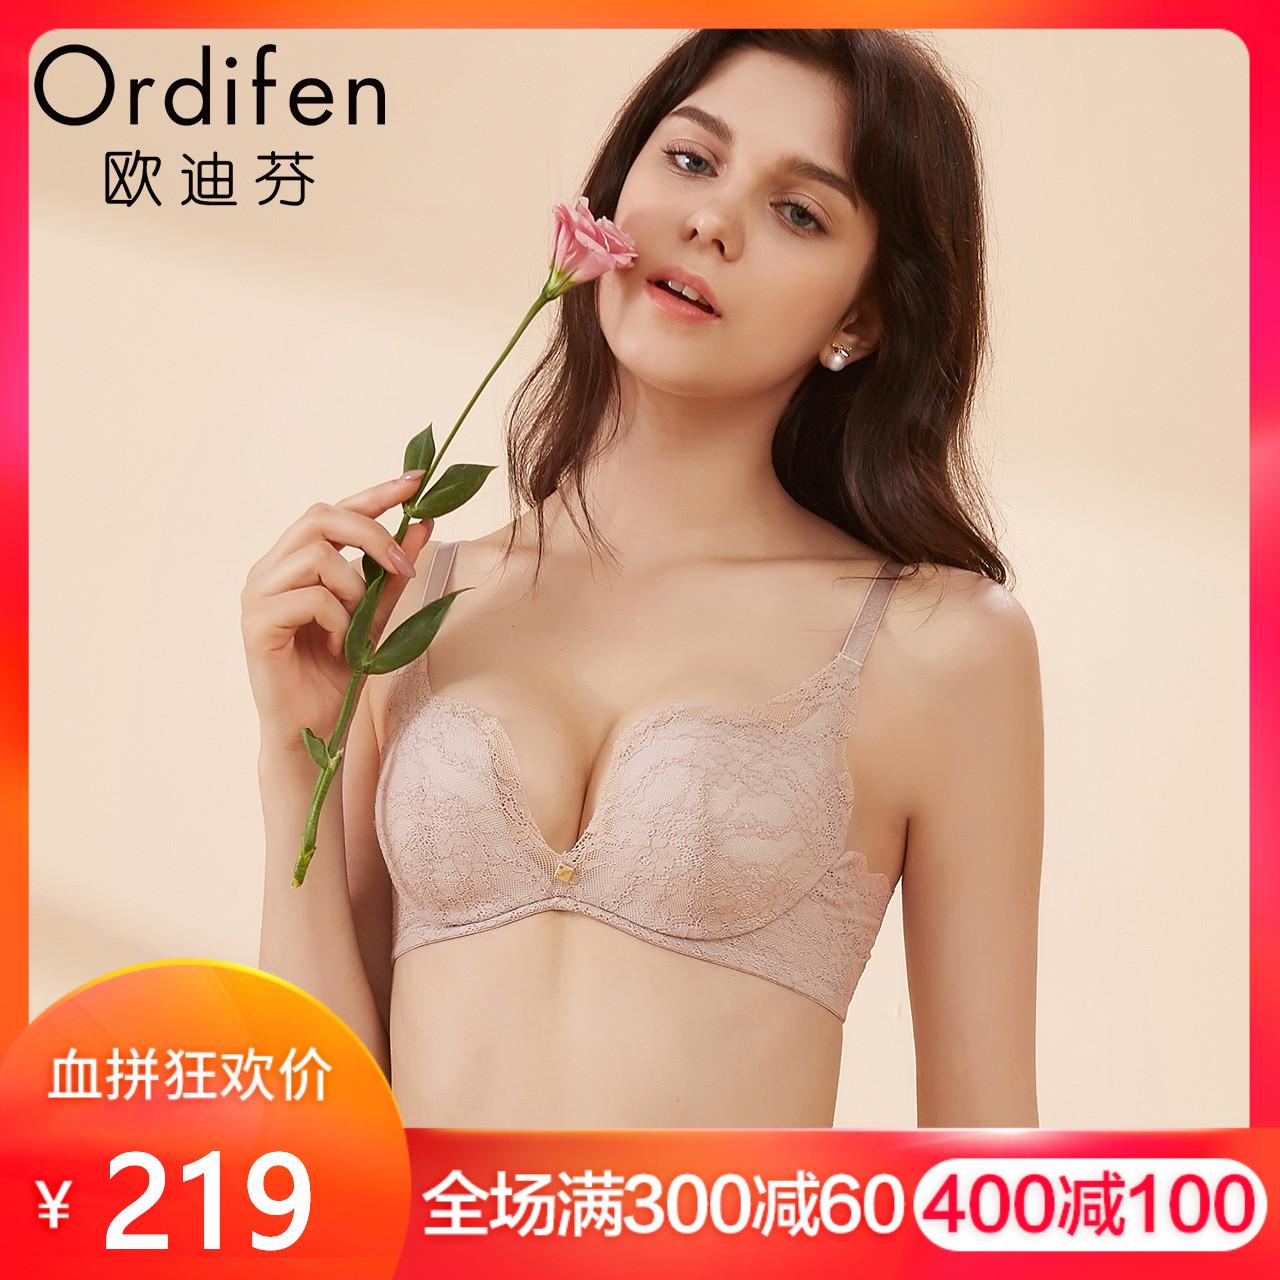 欧迪芬 新款女士内衣小胸舒适软钢圈胸罩蕾丝性感聚拢文胸XB8161